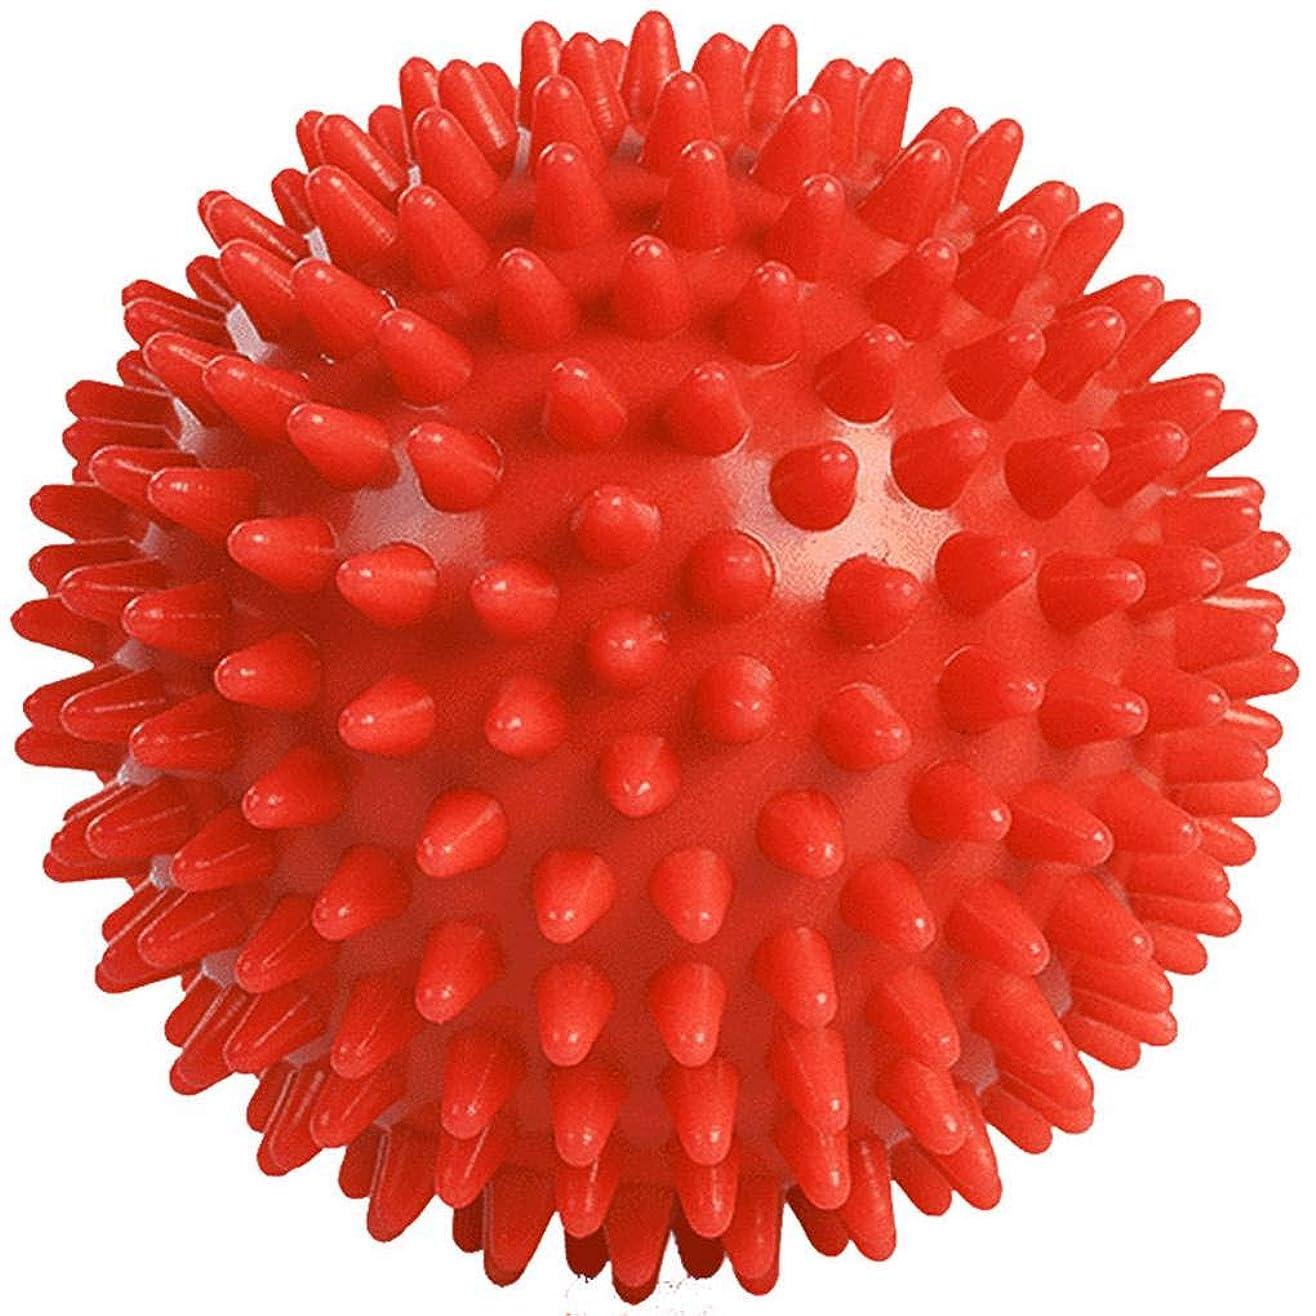 グローバル廃止する写真を撮るuzinby リフレックスボール 触覚ボール 足裏手 背中のマッサージボール リハビリ マッサージ用 血液循環促進 筋肉緊張 圧迫で解きほぐす